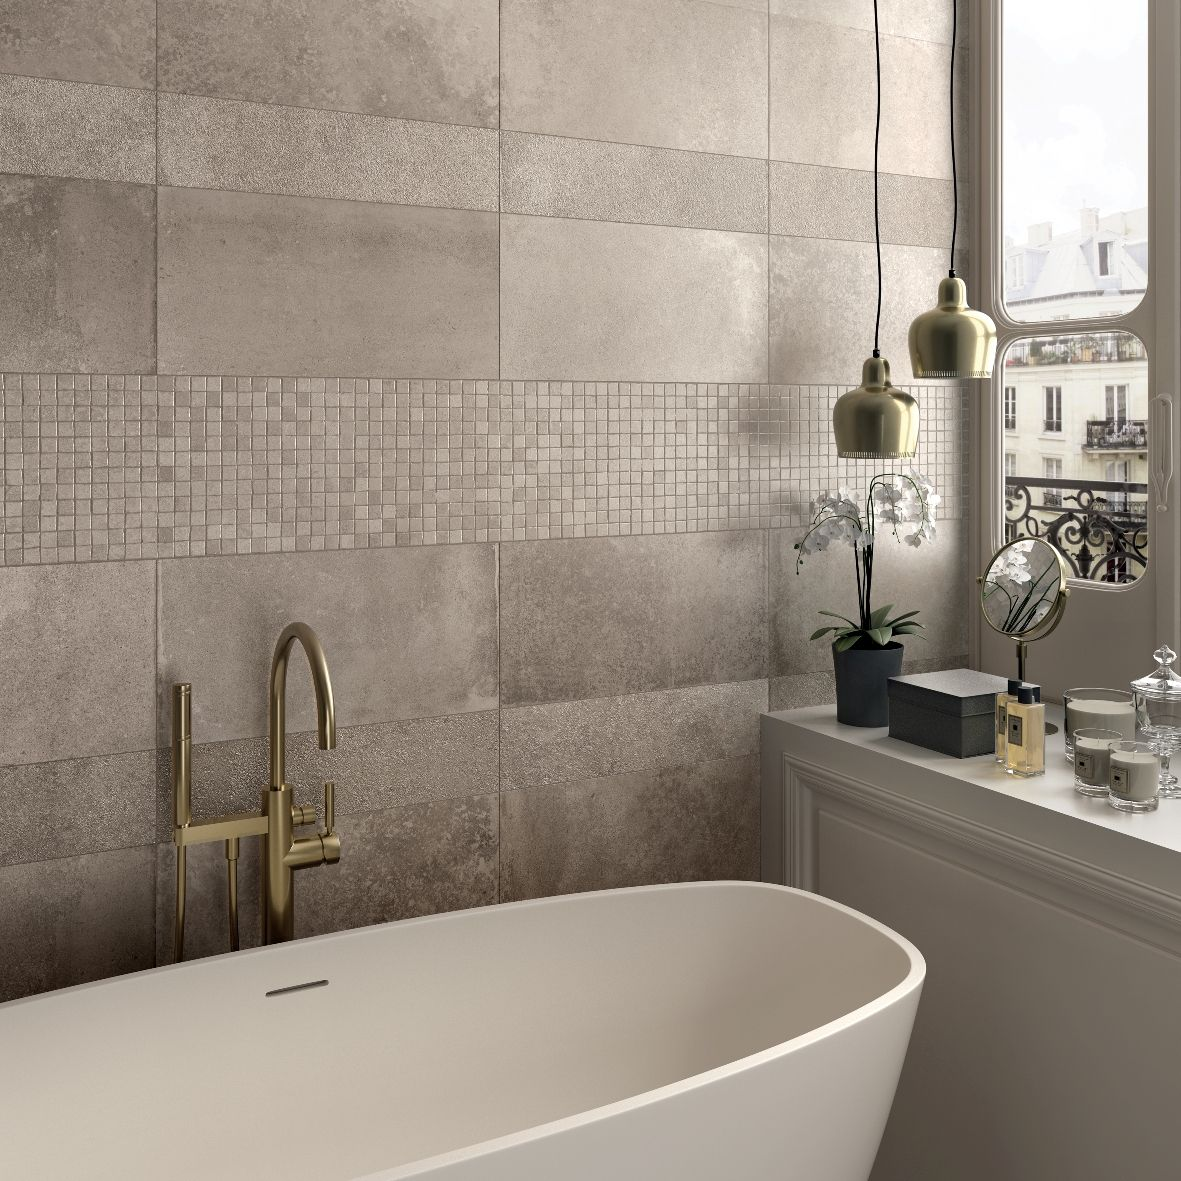 Fresco ed elegante questo #bagno #abkemozioni con UNIKA Ecru e ...